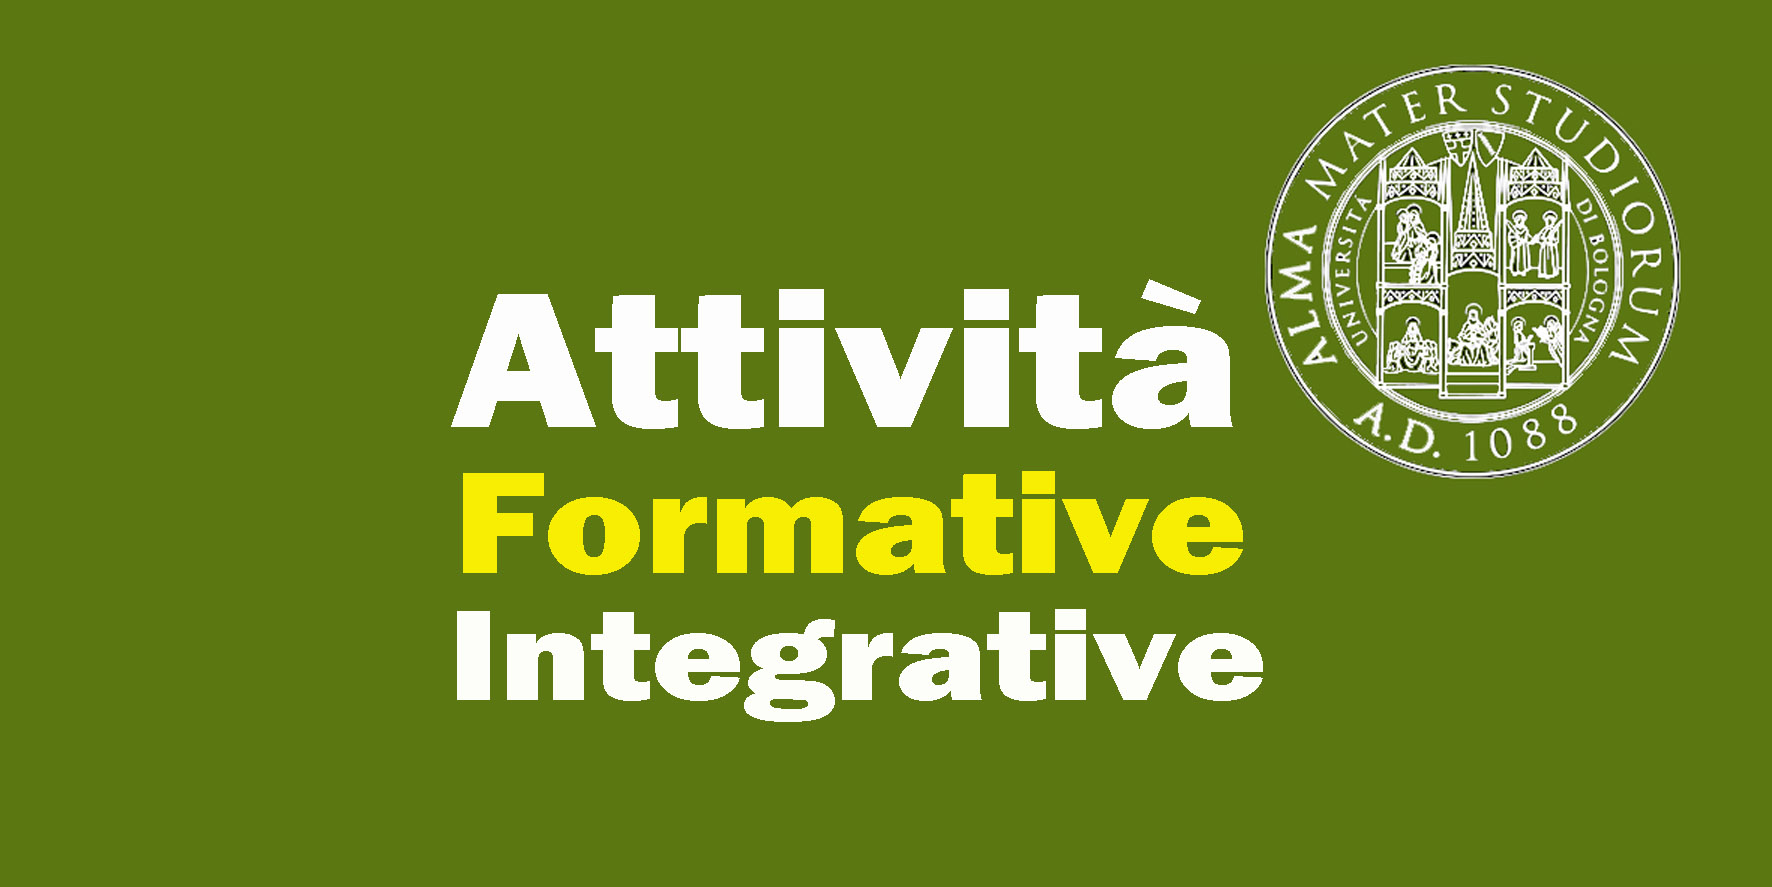 ATTIVITÀ FORMATIVE INTEGRATIVE